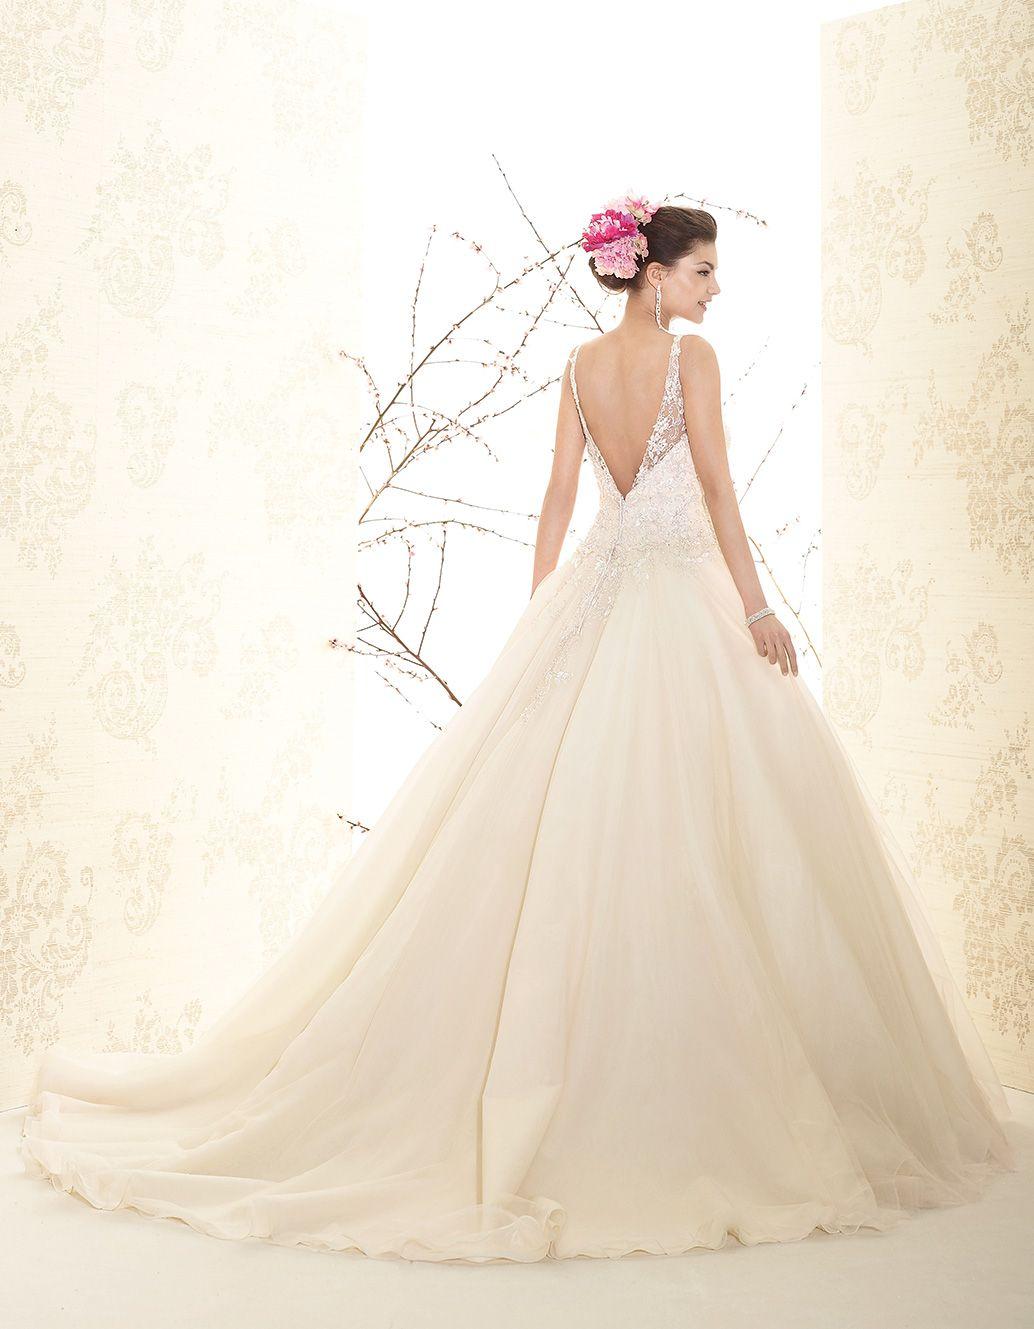 Perle 2015 > P7534 | Delsa Abiti da Sposa | Creazioni dal 1969